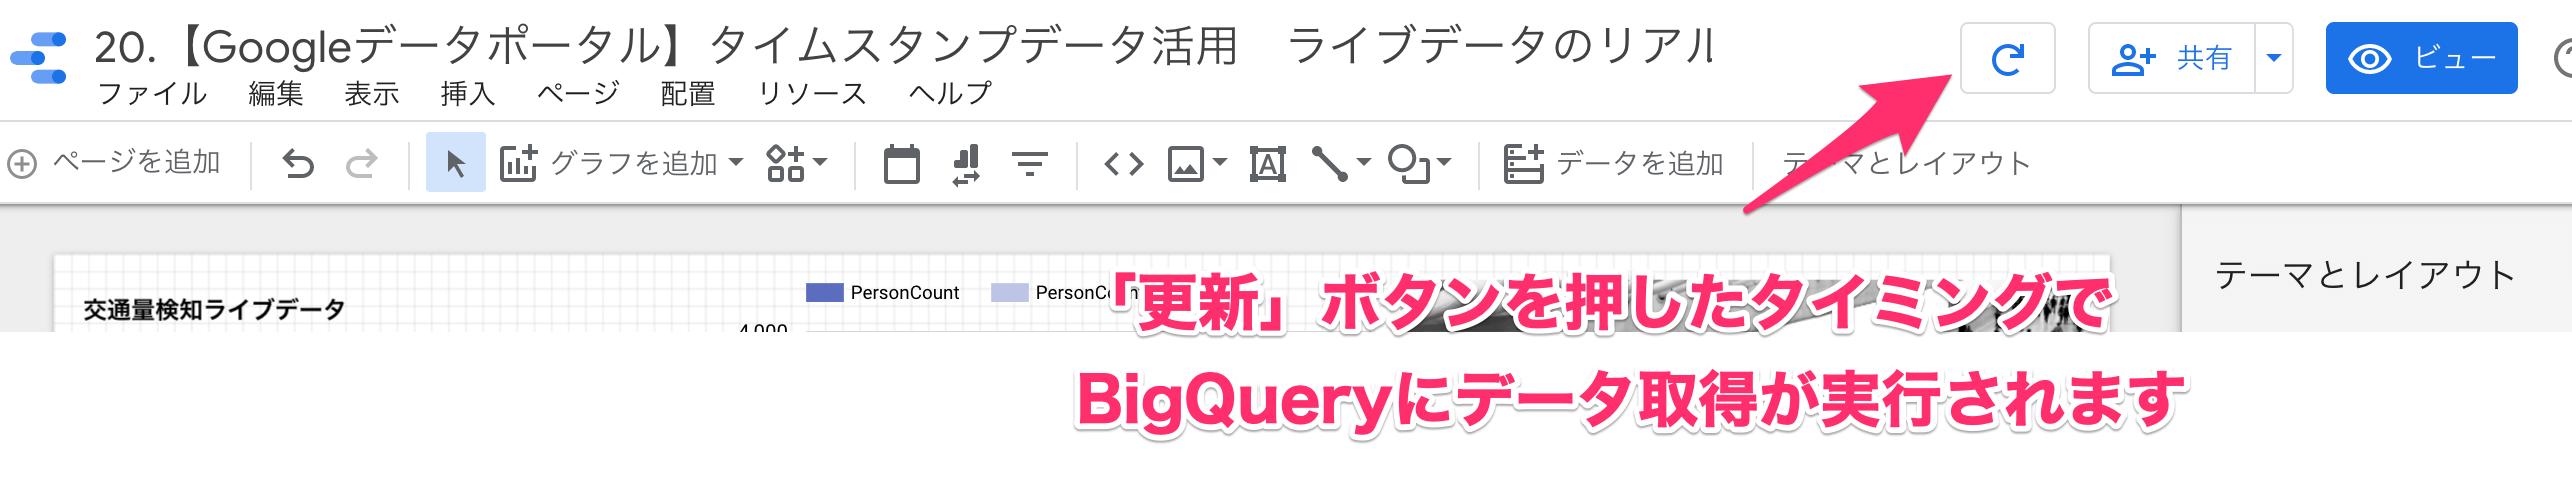 【Googleデータポータル】リアルタイム集計ダッシュボードの発展型。BigQueryとの連携でここまでできる